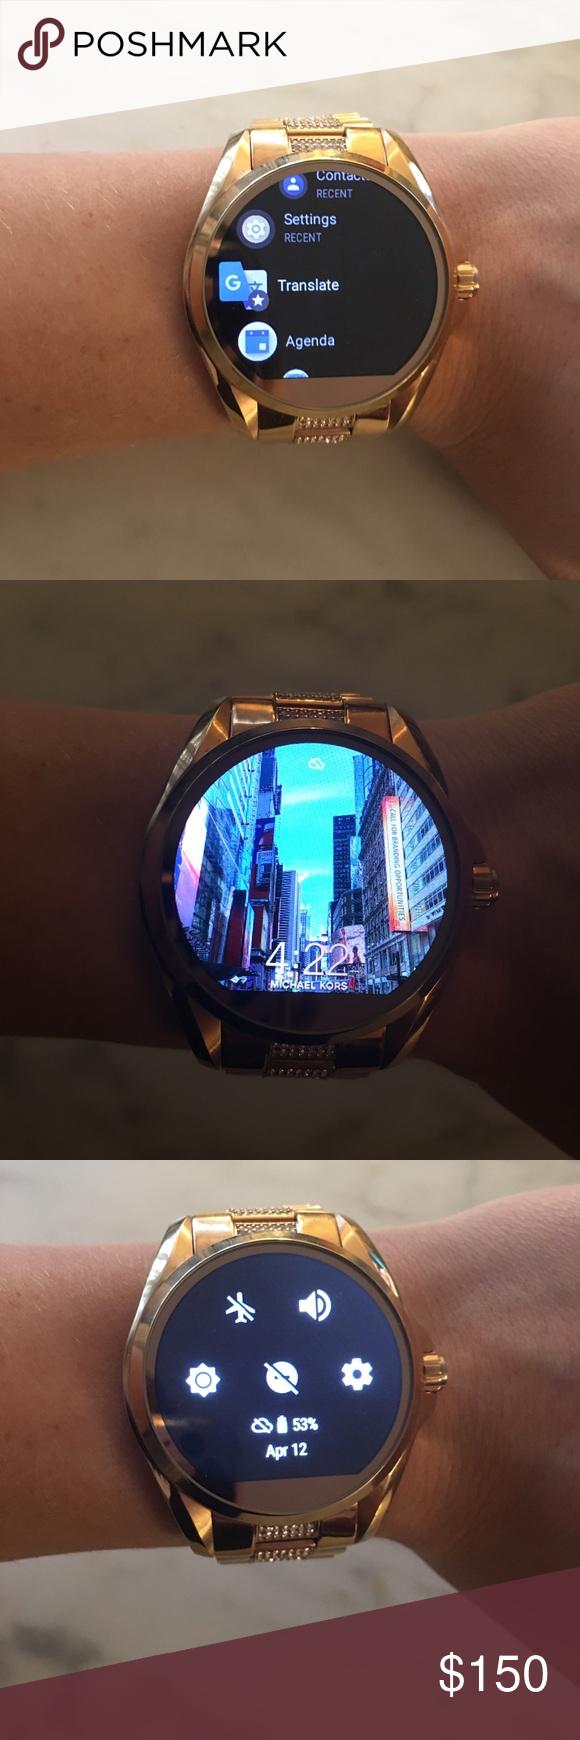 Michael Kors Access Smartwatch Michael kors, Smart watch